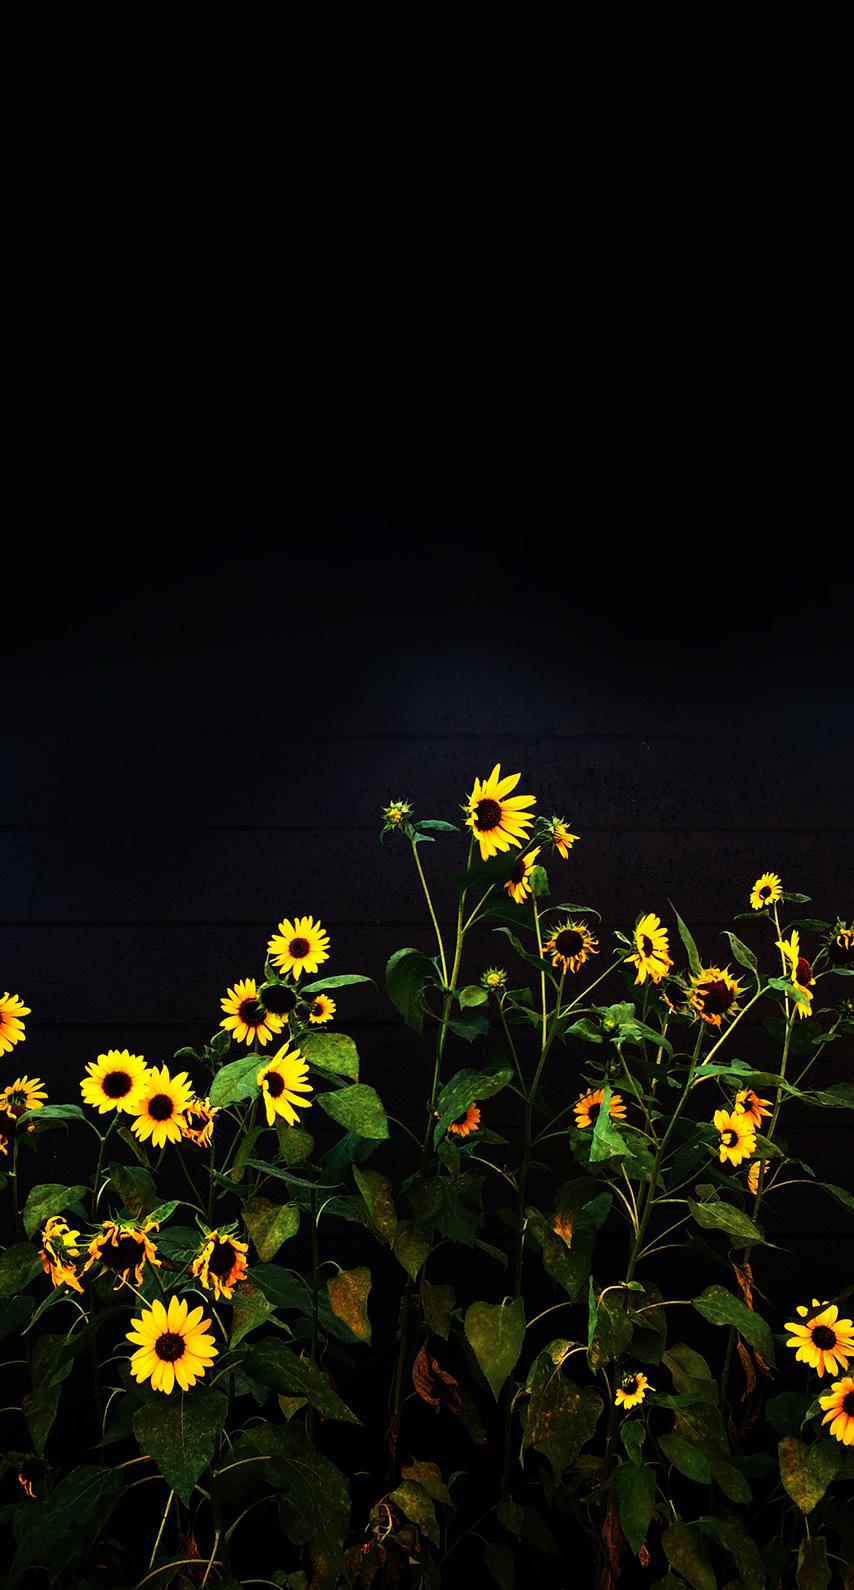 flowering plant, wildflower